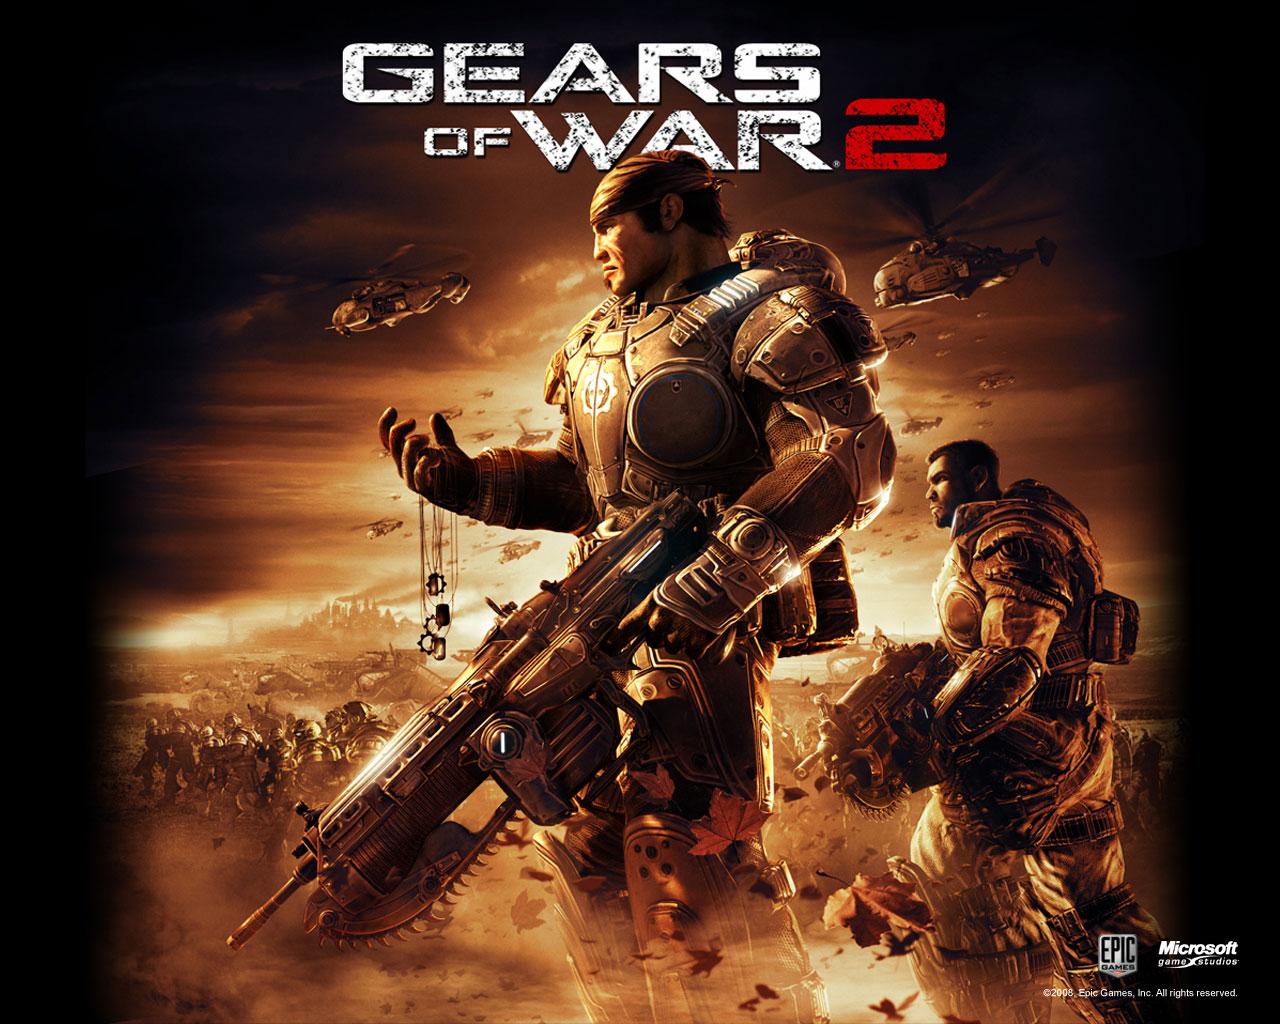 Wallpapers de Gears of War 2